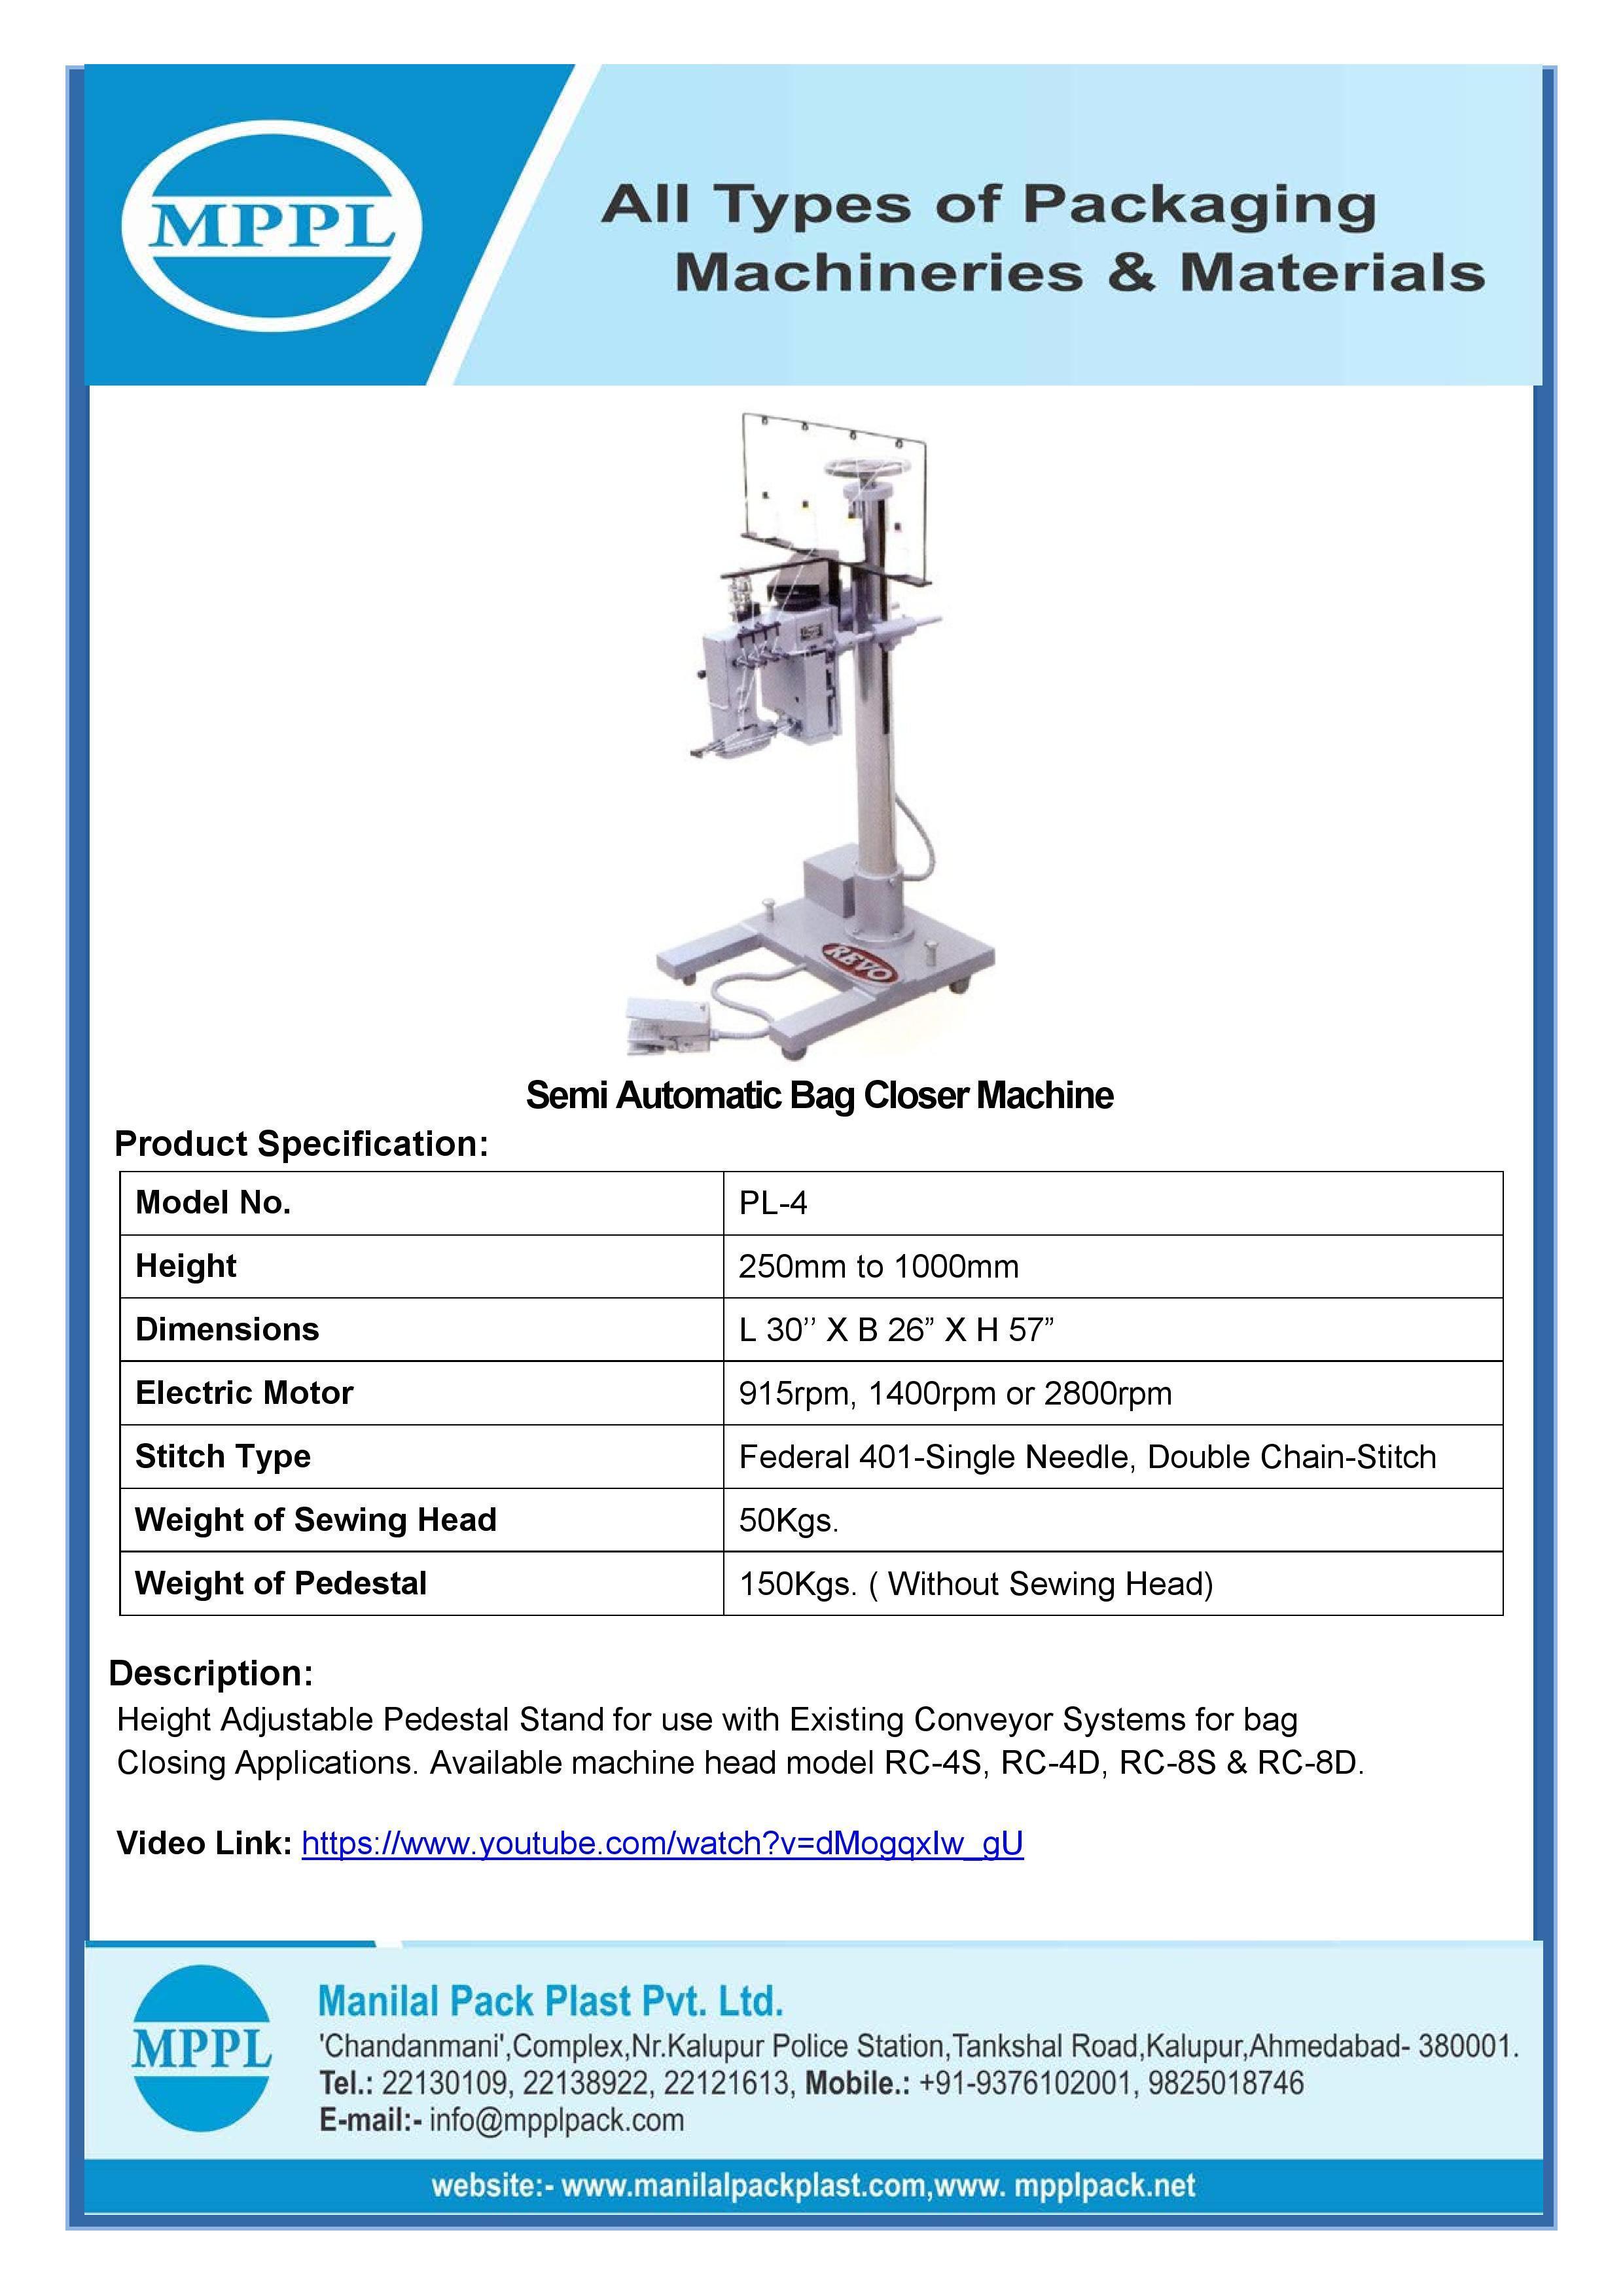 Semi Automatic Bag Closer Machine